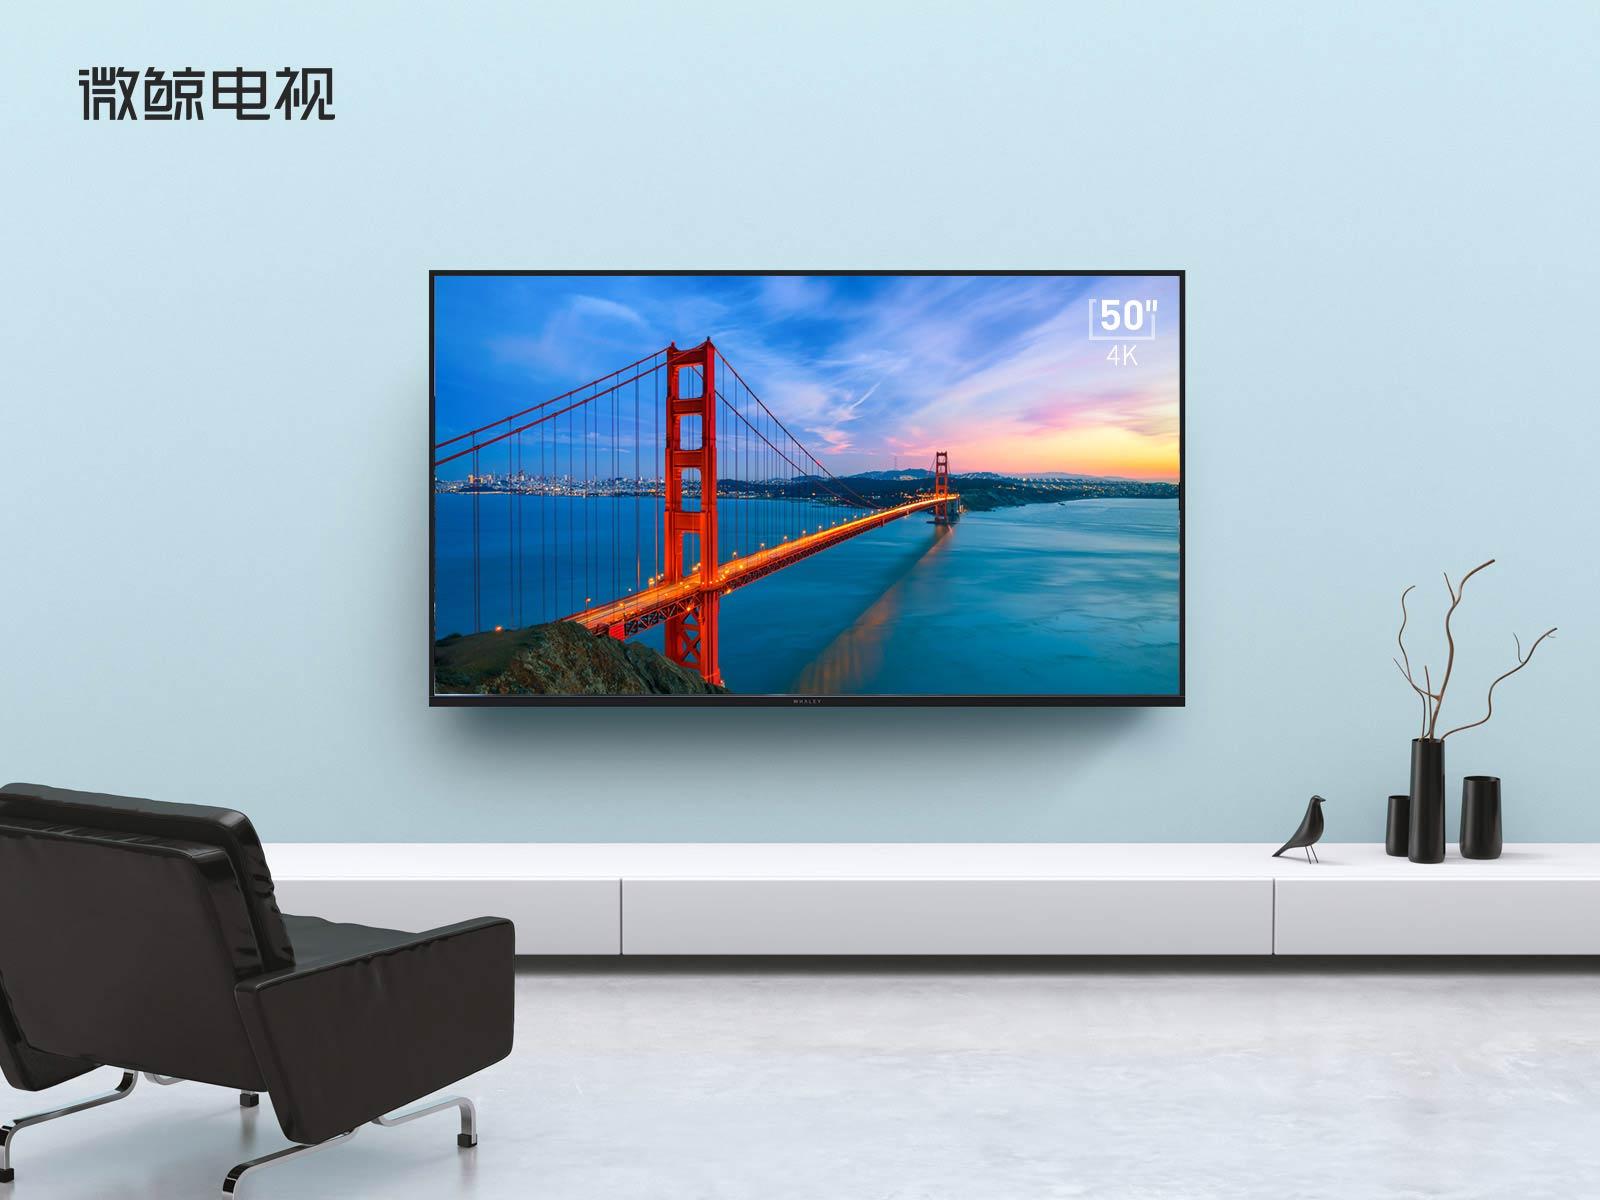 50吋智能电视推荐:适合大多数家庭的高性价比产品!